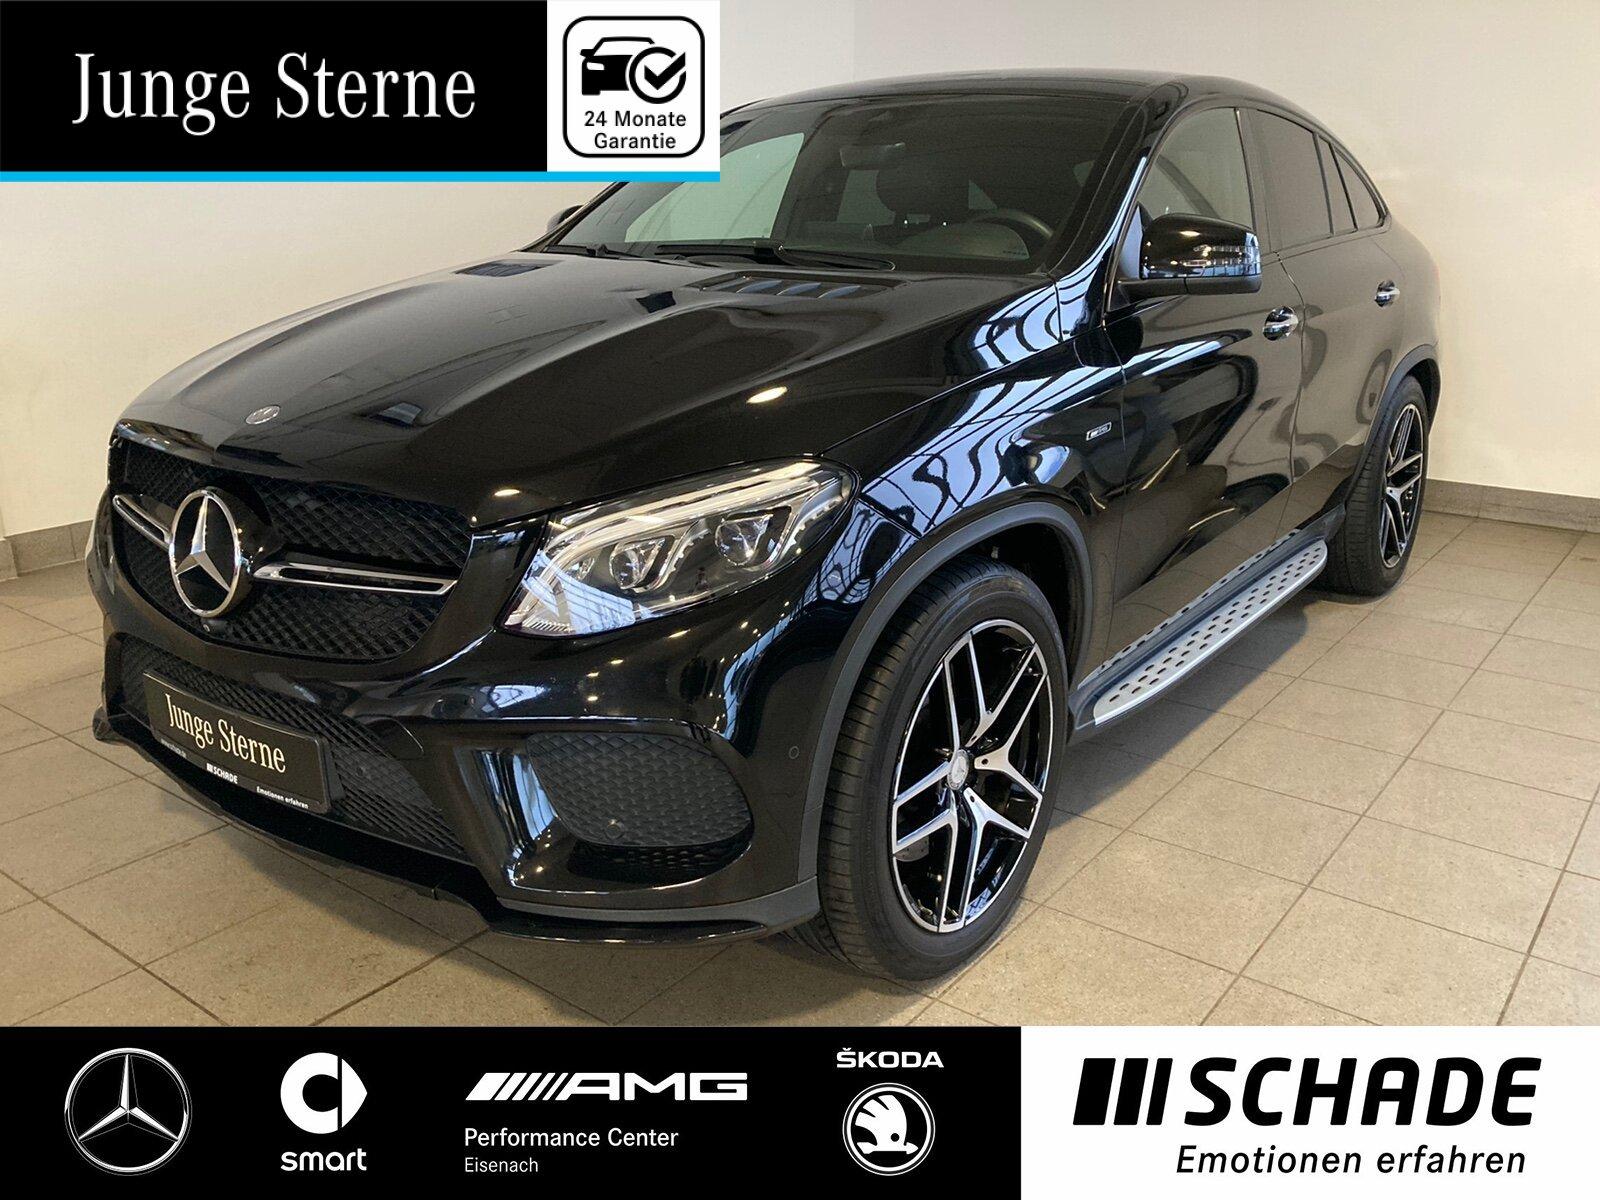 Mercedes-Benz GLE 450 AMG 4M Coupé *LED*Night*Comand*Airmatic*, Jahr 2015, Benzin